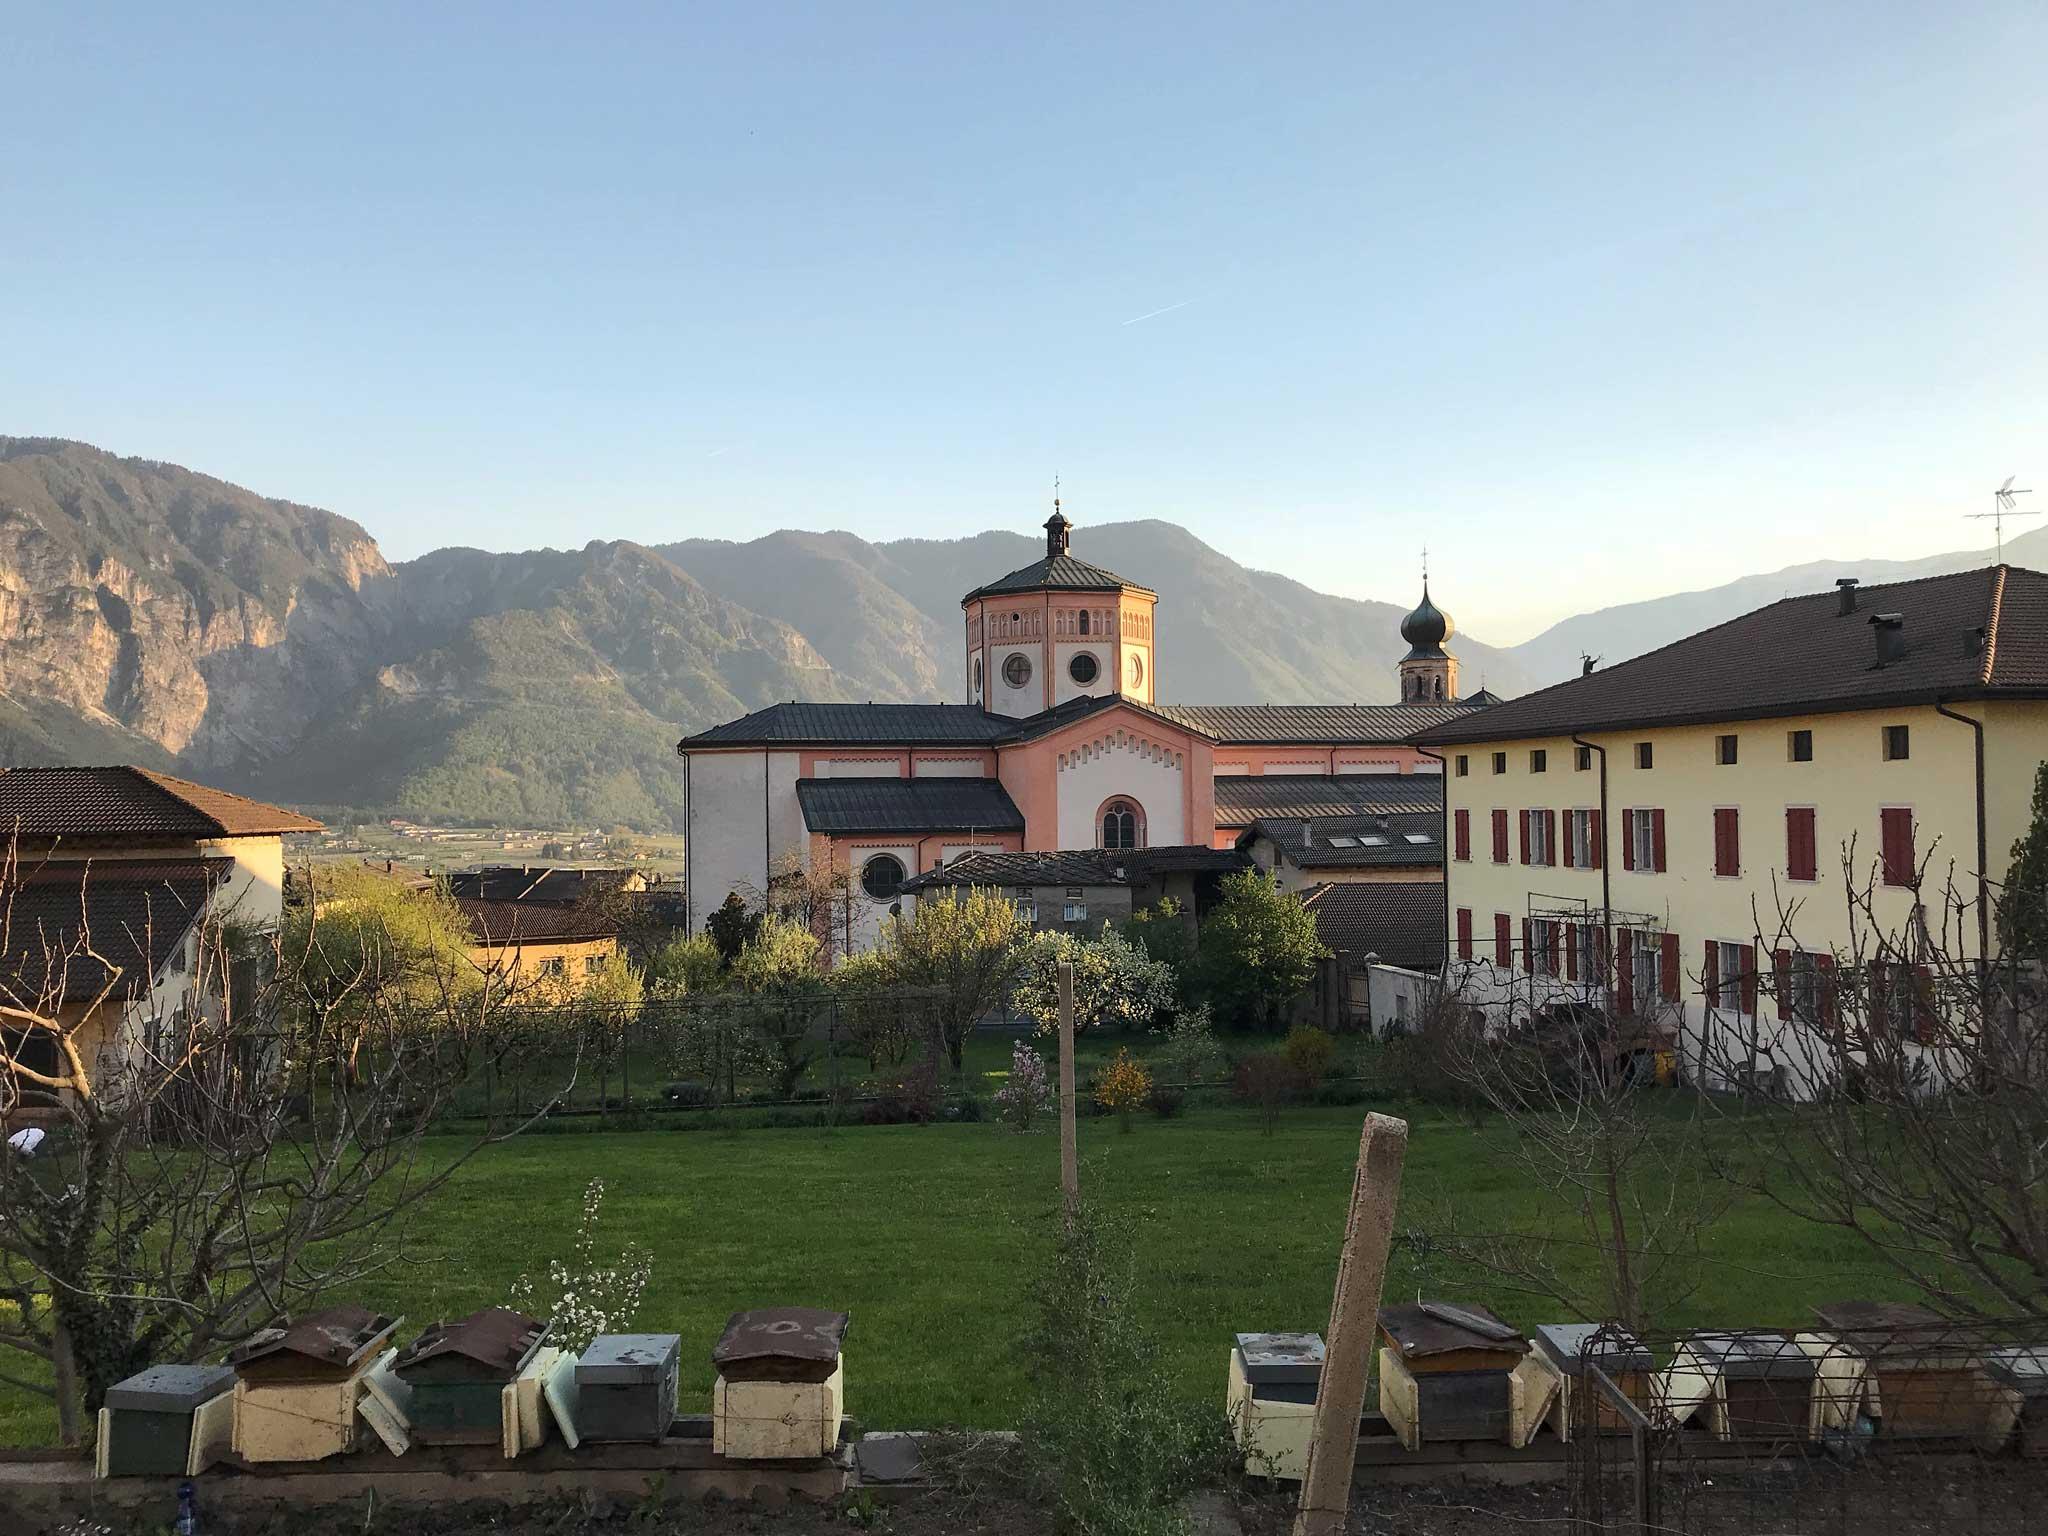 Levico-Terme-Valsugana-chiesa-panorama-montagne